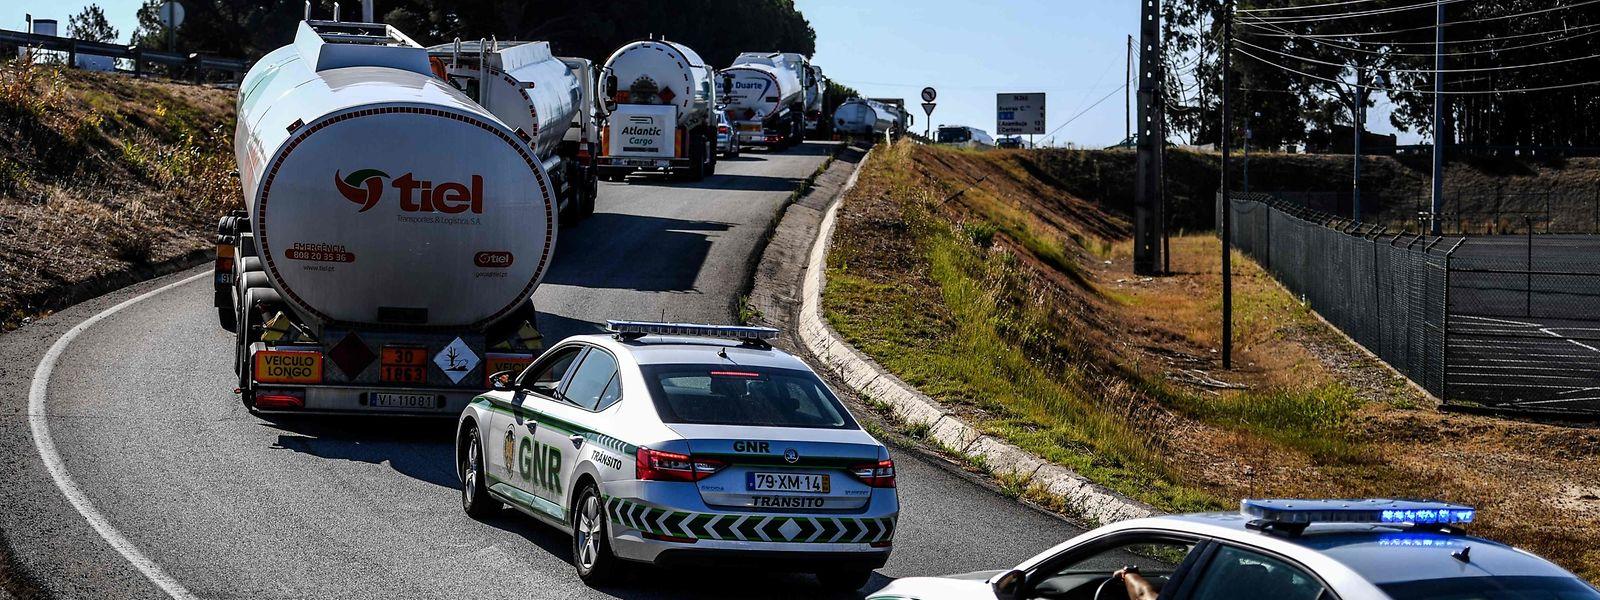 Pour ce premier jour de grève, les chauffeurs de camion-citerne ont été escortés par la police pour sécuriser la fourniture des stations essence du pays.